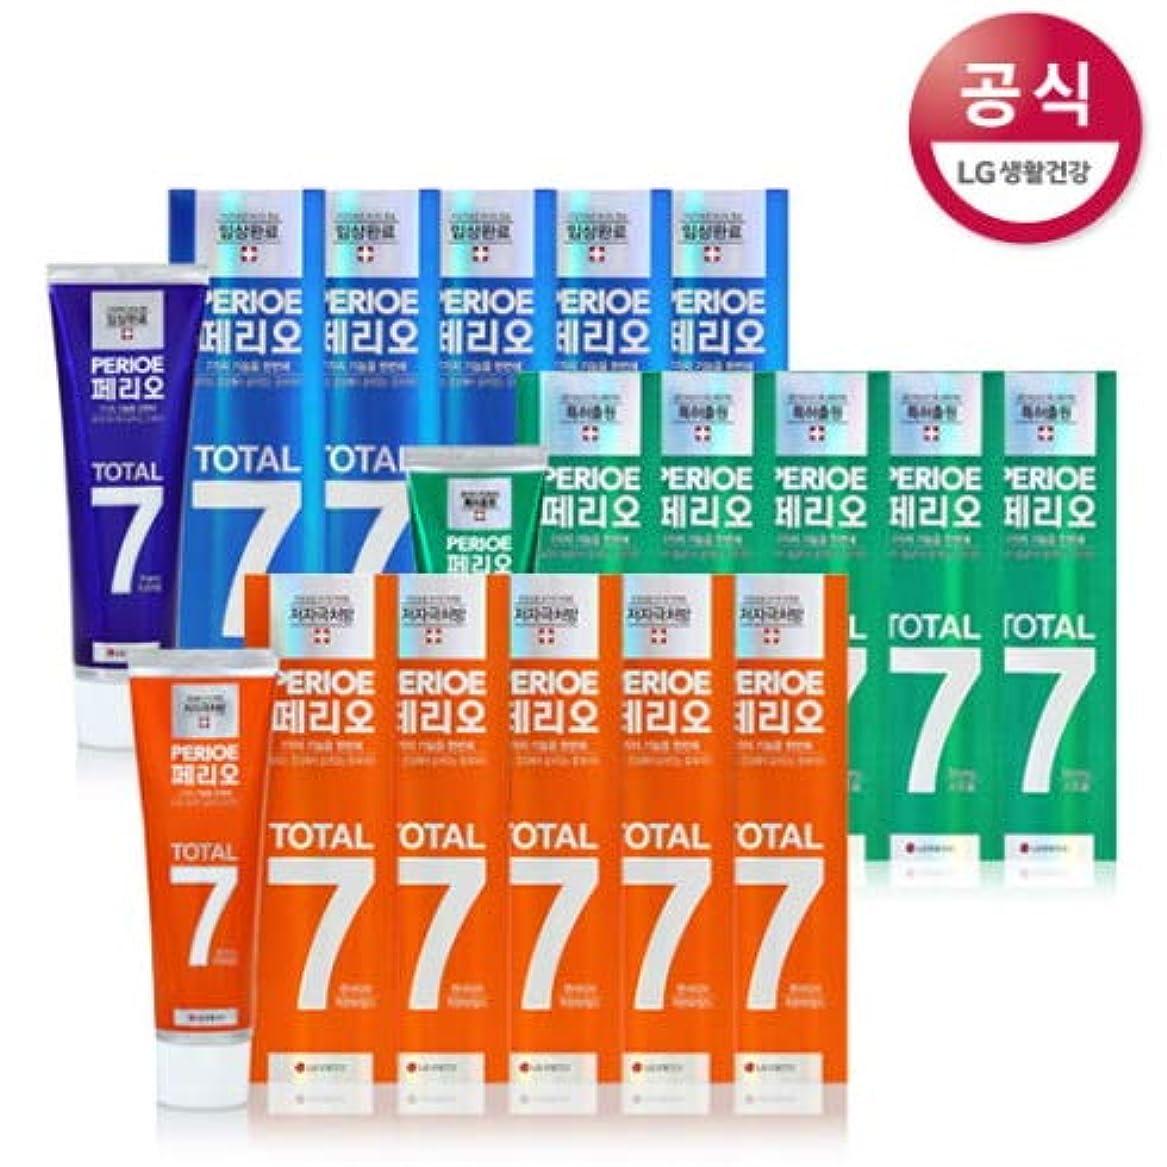 キャラクター程度トロピカル[LG HnB] Perio Total 7 toothpaste /ペリオトータル7歯磨き粉 120gx18個(海外直送品)